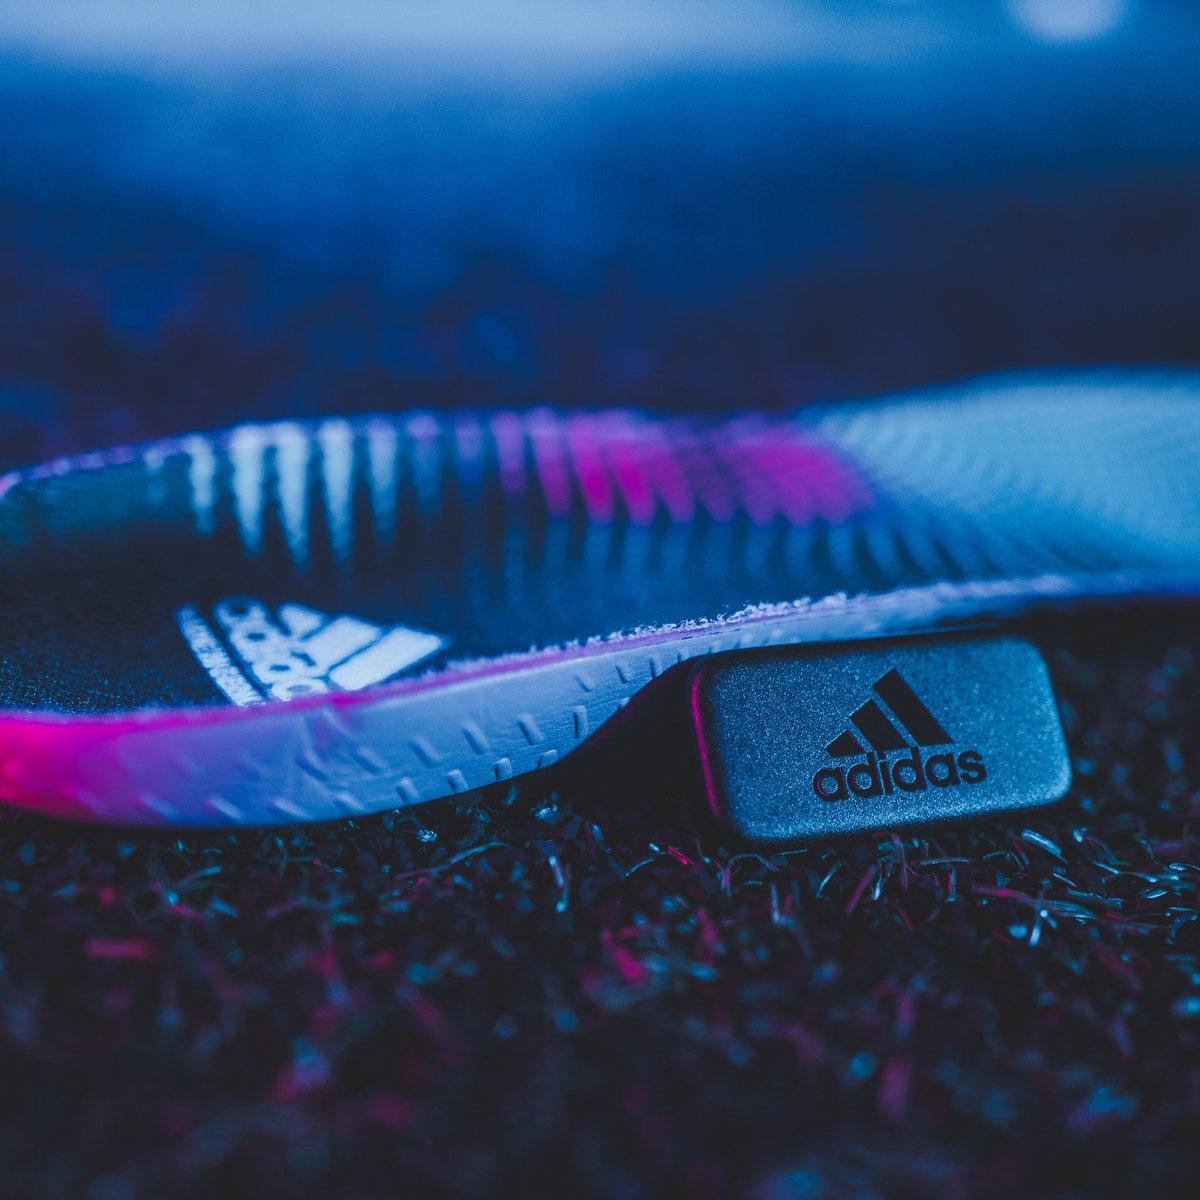 ¿Tienes dotes para el fútbol y quieres analizar tus movimientos? El Tag #adidasGMR se inserta en la plantilla de tus botas para medir la potencia de tus disparos, la distancia recorrida, tu velocidad y el número de pases realizados.  Conoce más en .